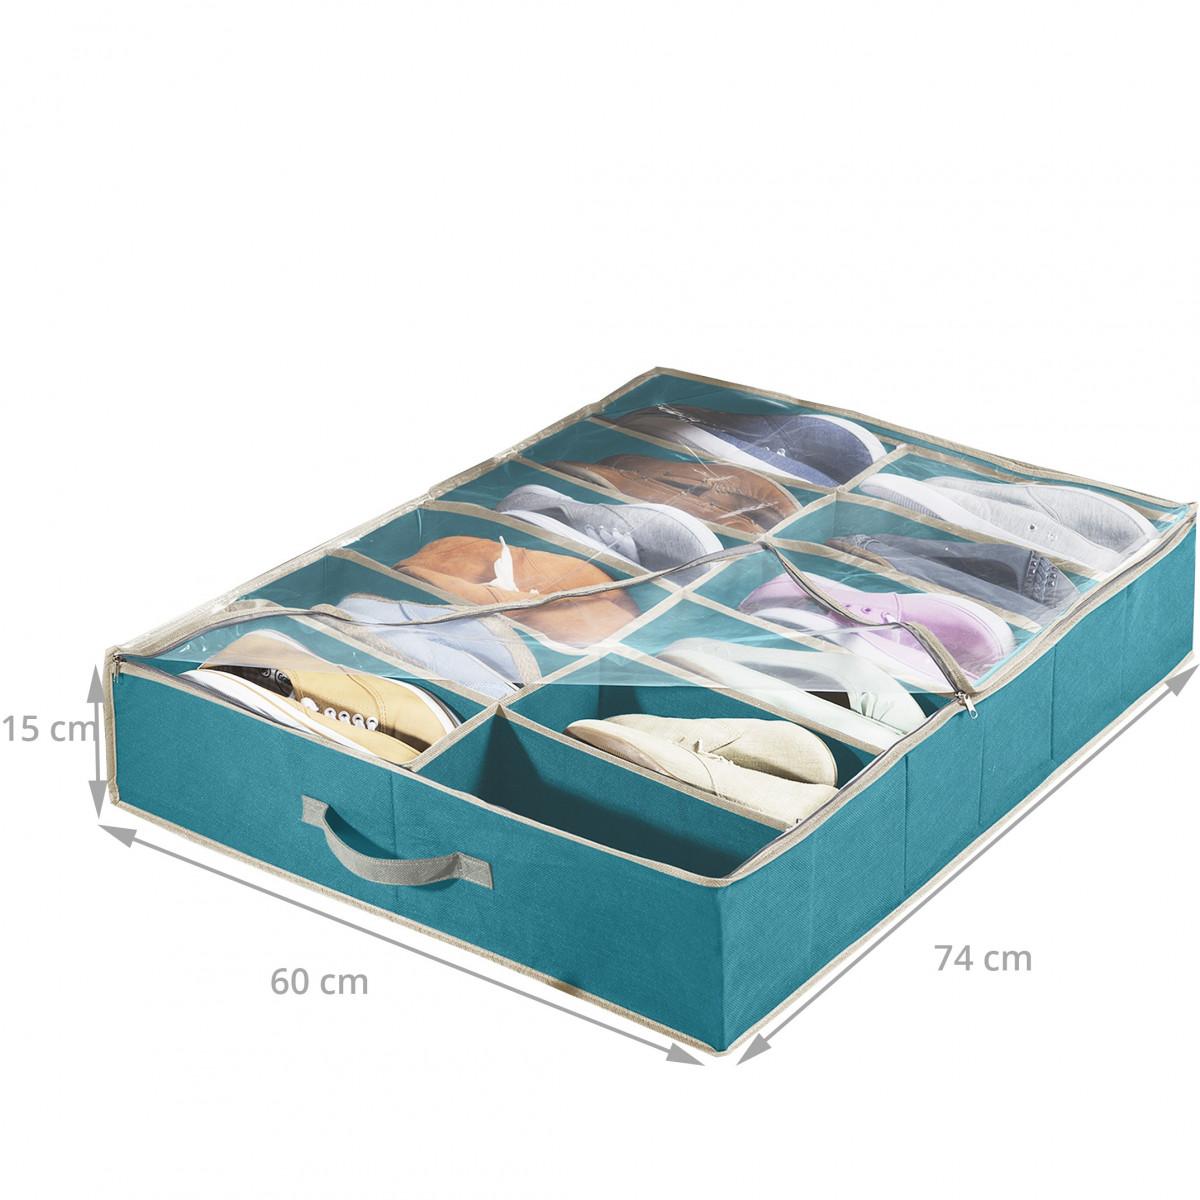 Housse rangement chaussures sous le lit for Rangement sous de lit